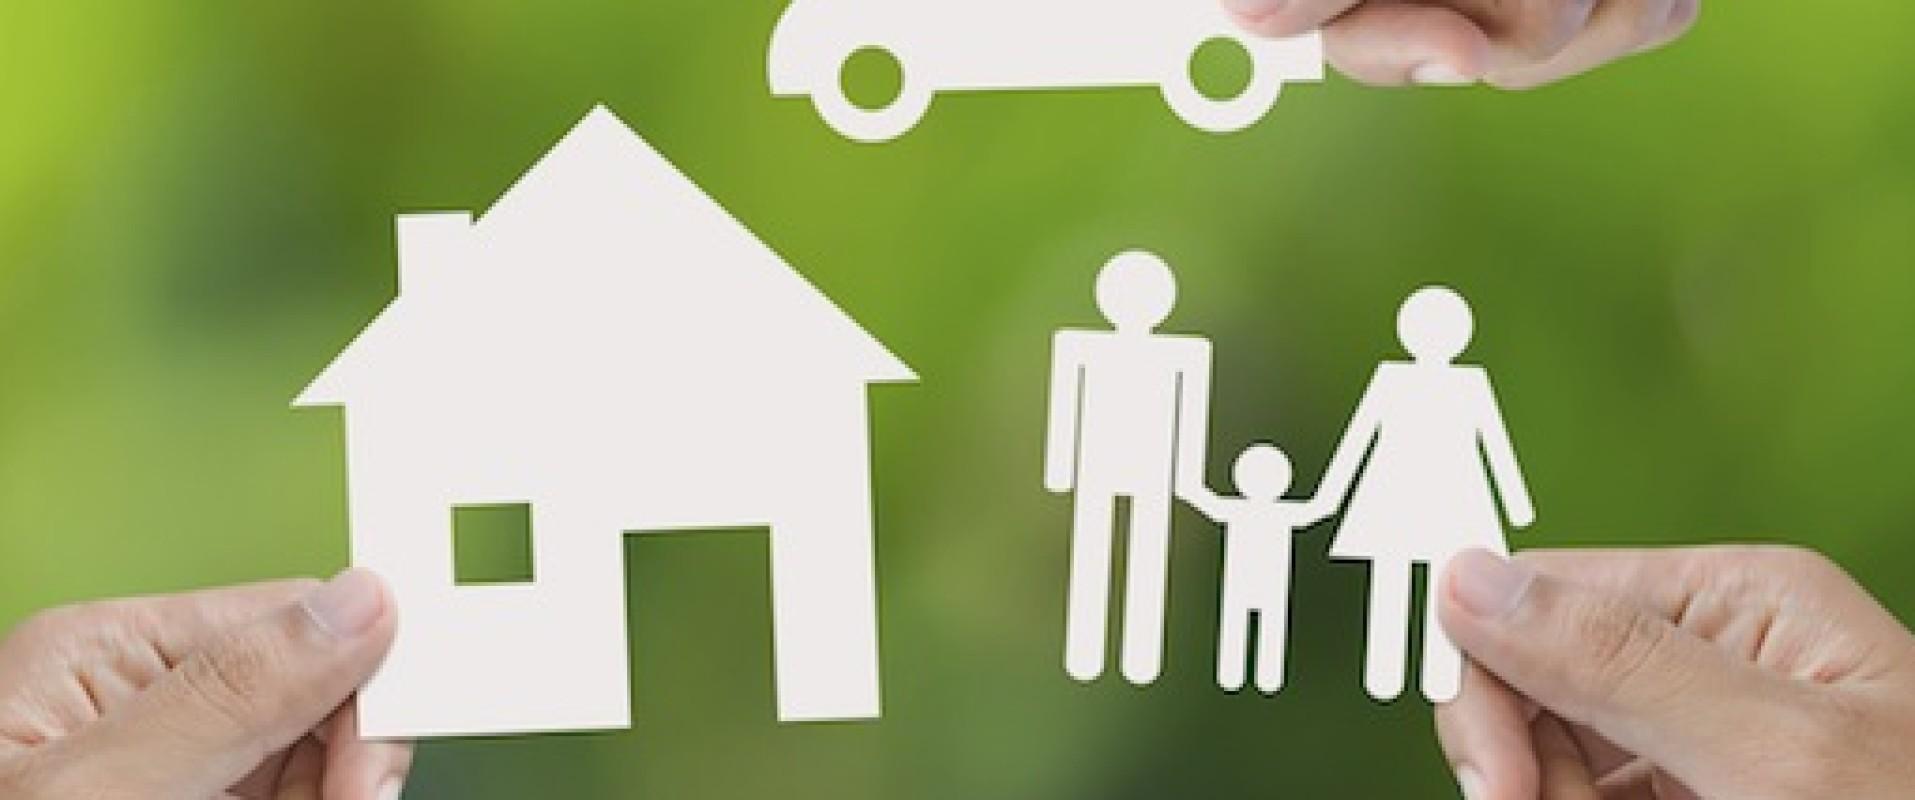 Verzekeringen vergelijken: check je verzekeringen en bespaar!